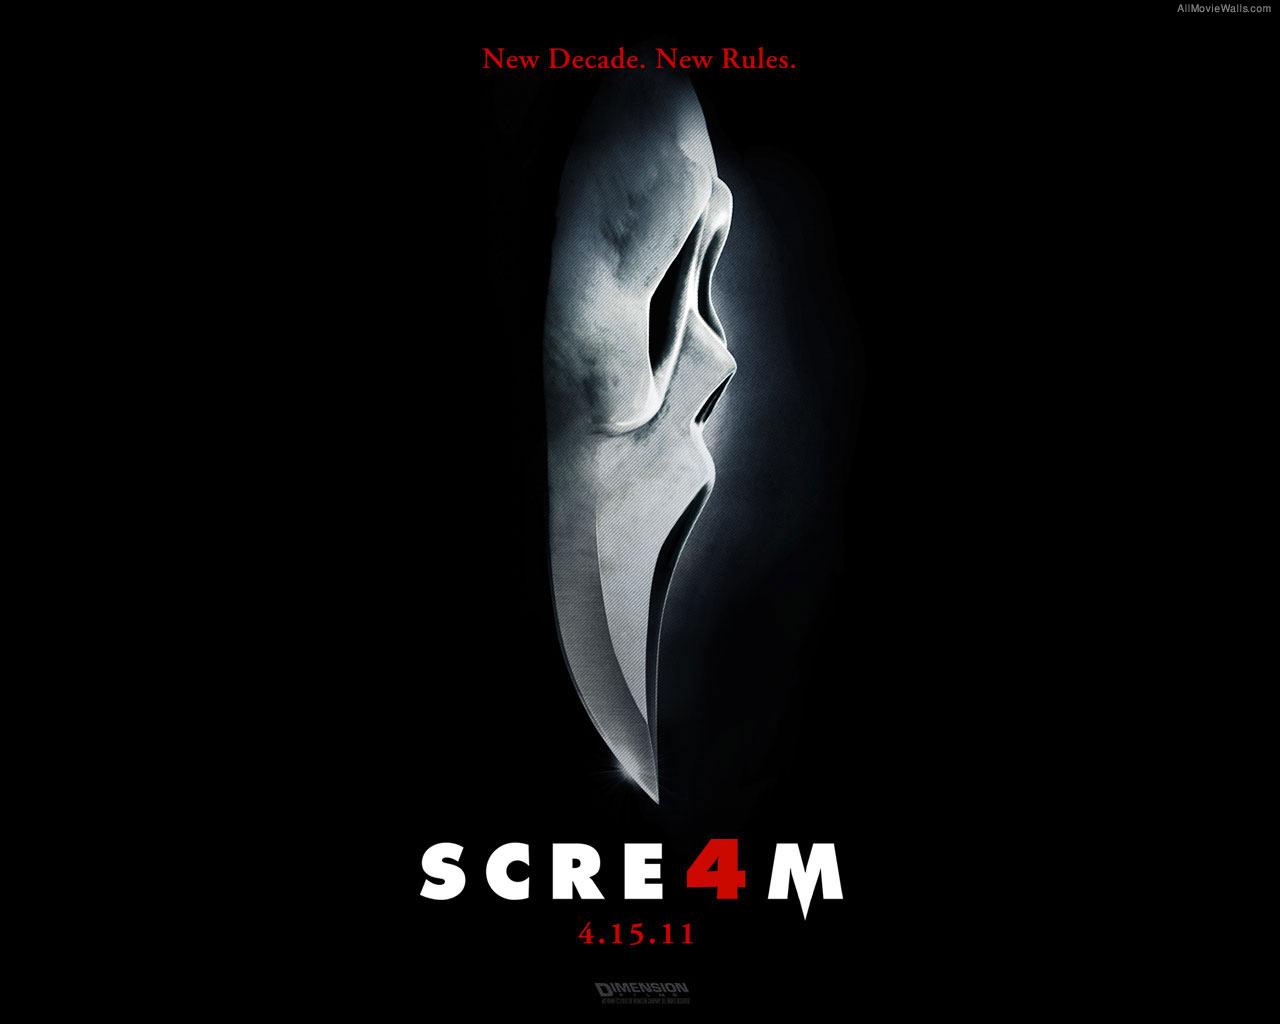 scream 4 scream wallpaper 25400879 fanpop